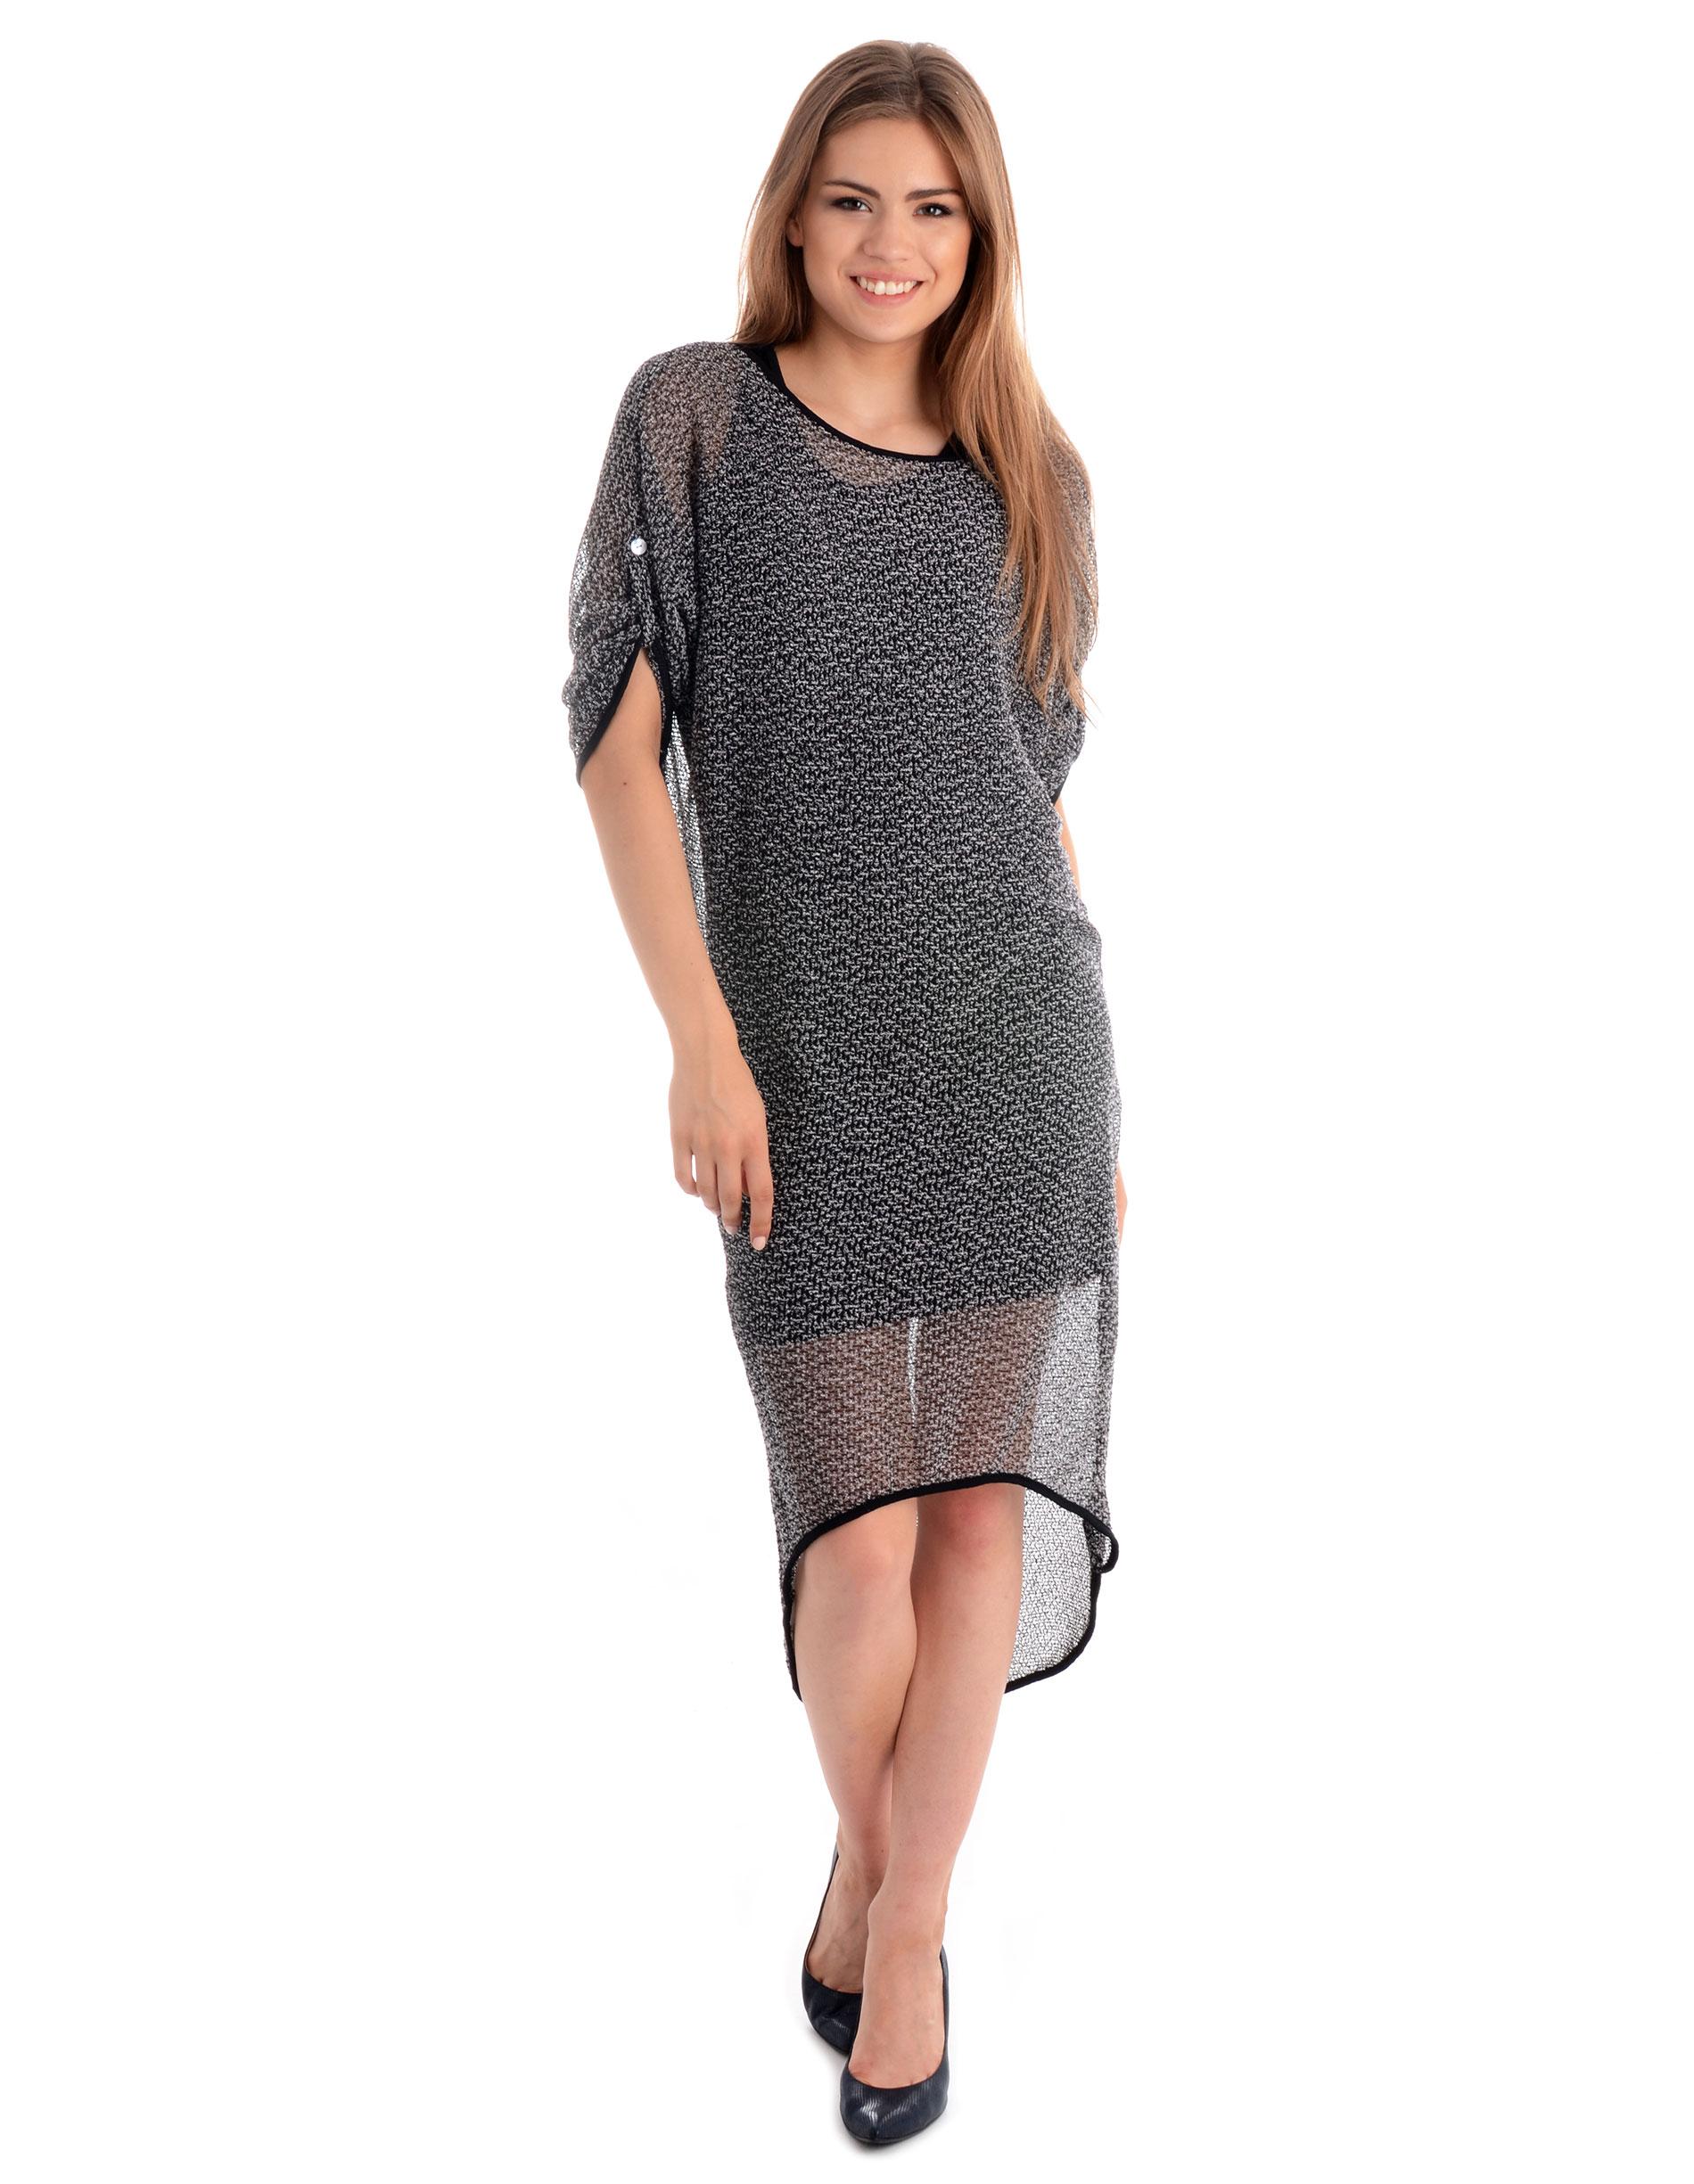 Sukienka - 65-6116 NERO - Unisono